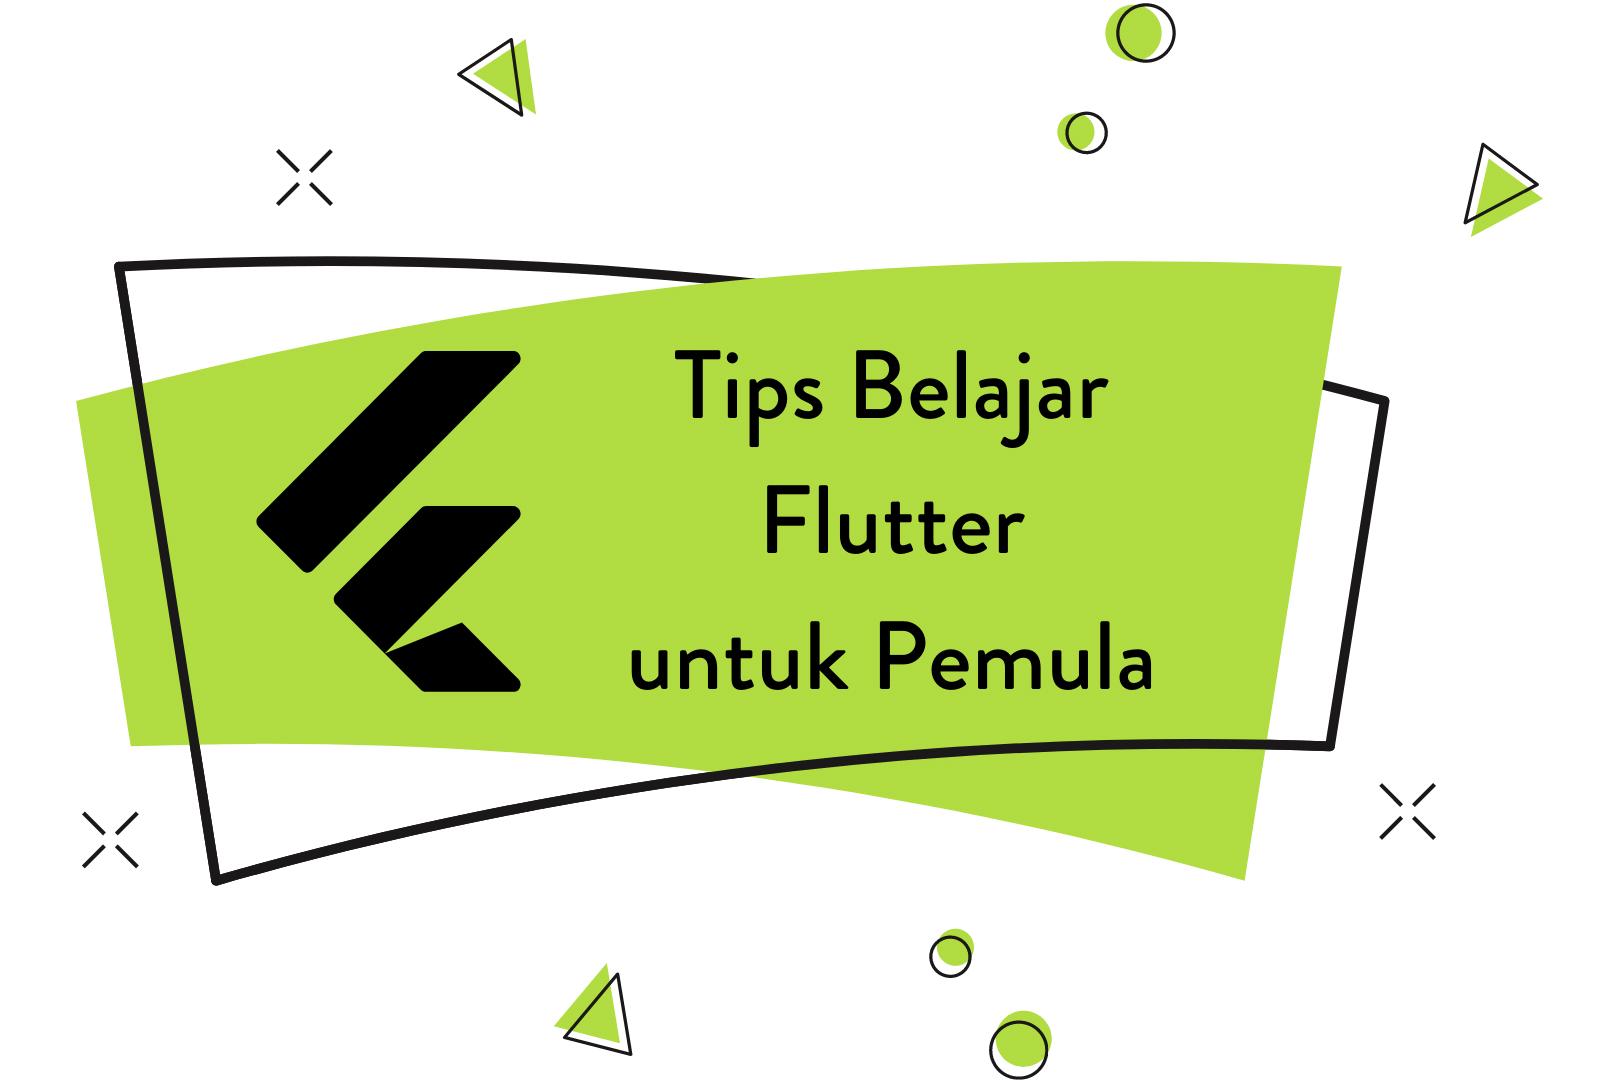 Tips Belajar Flutter Untuk Pemula